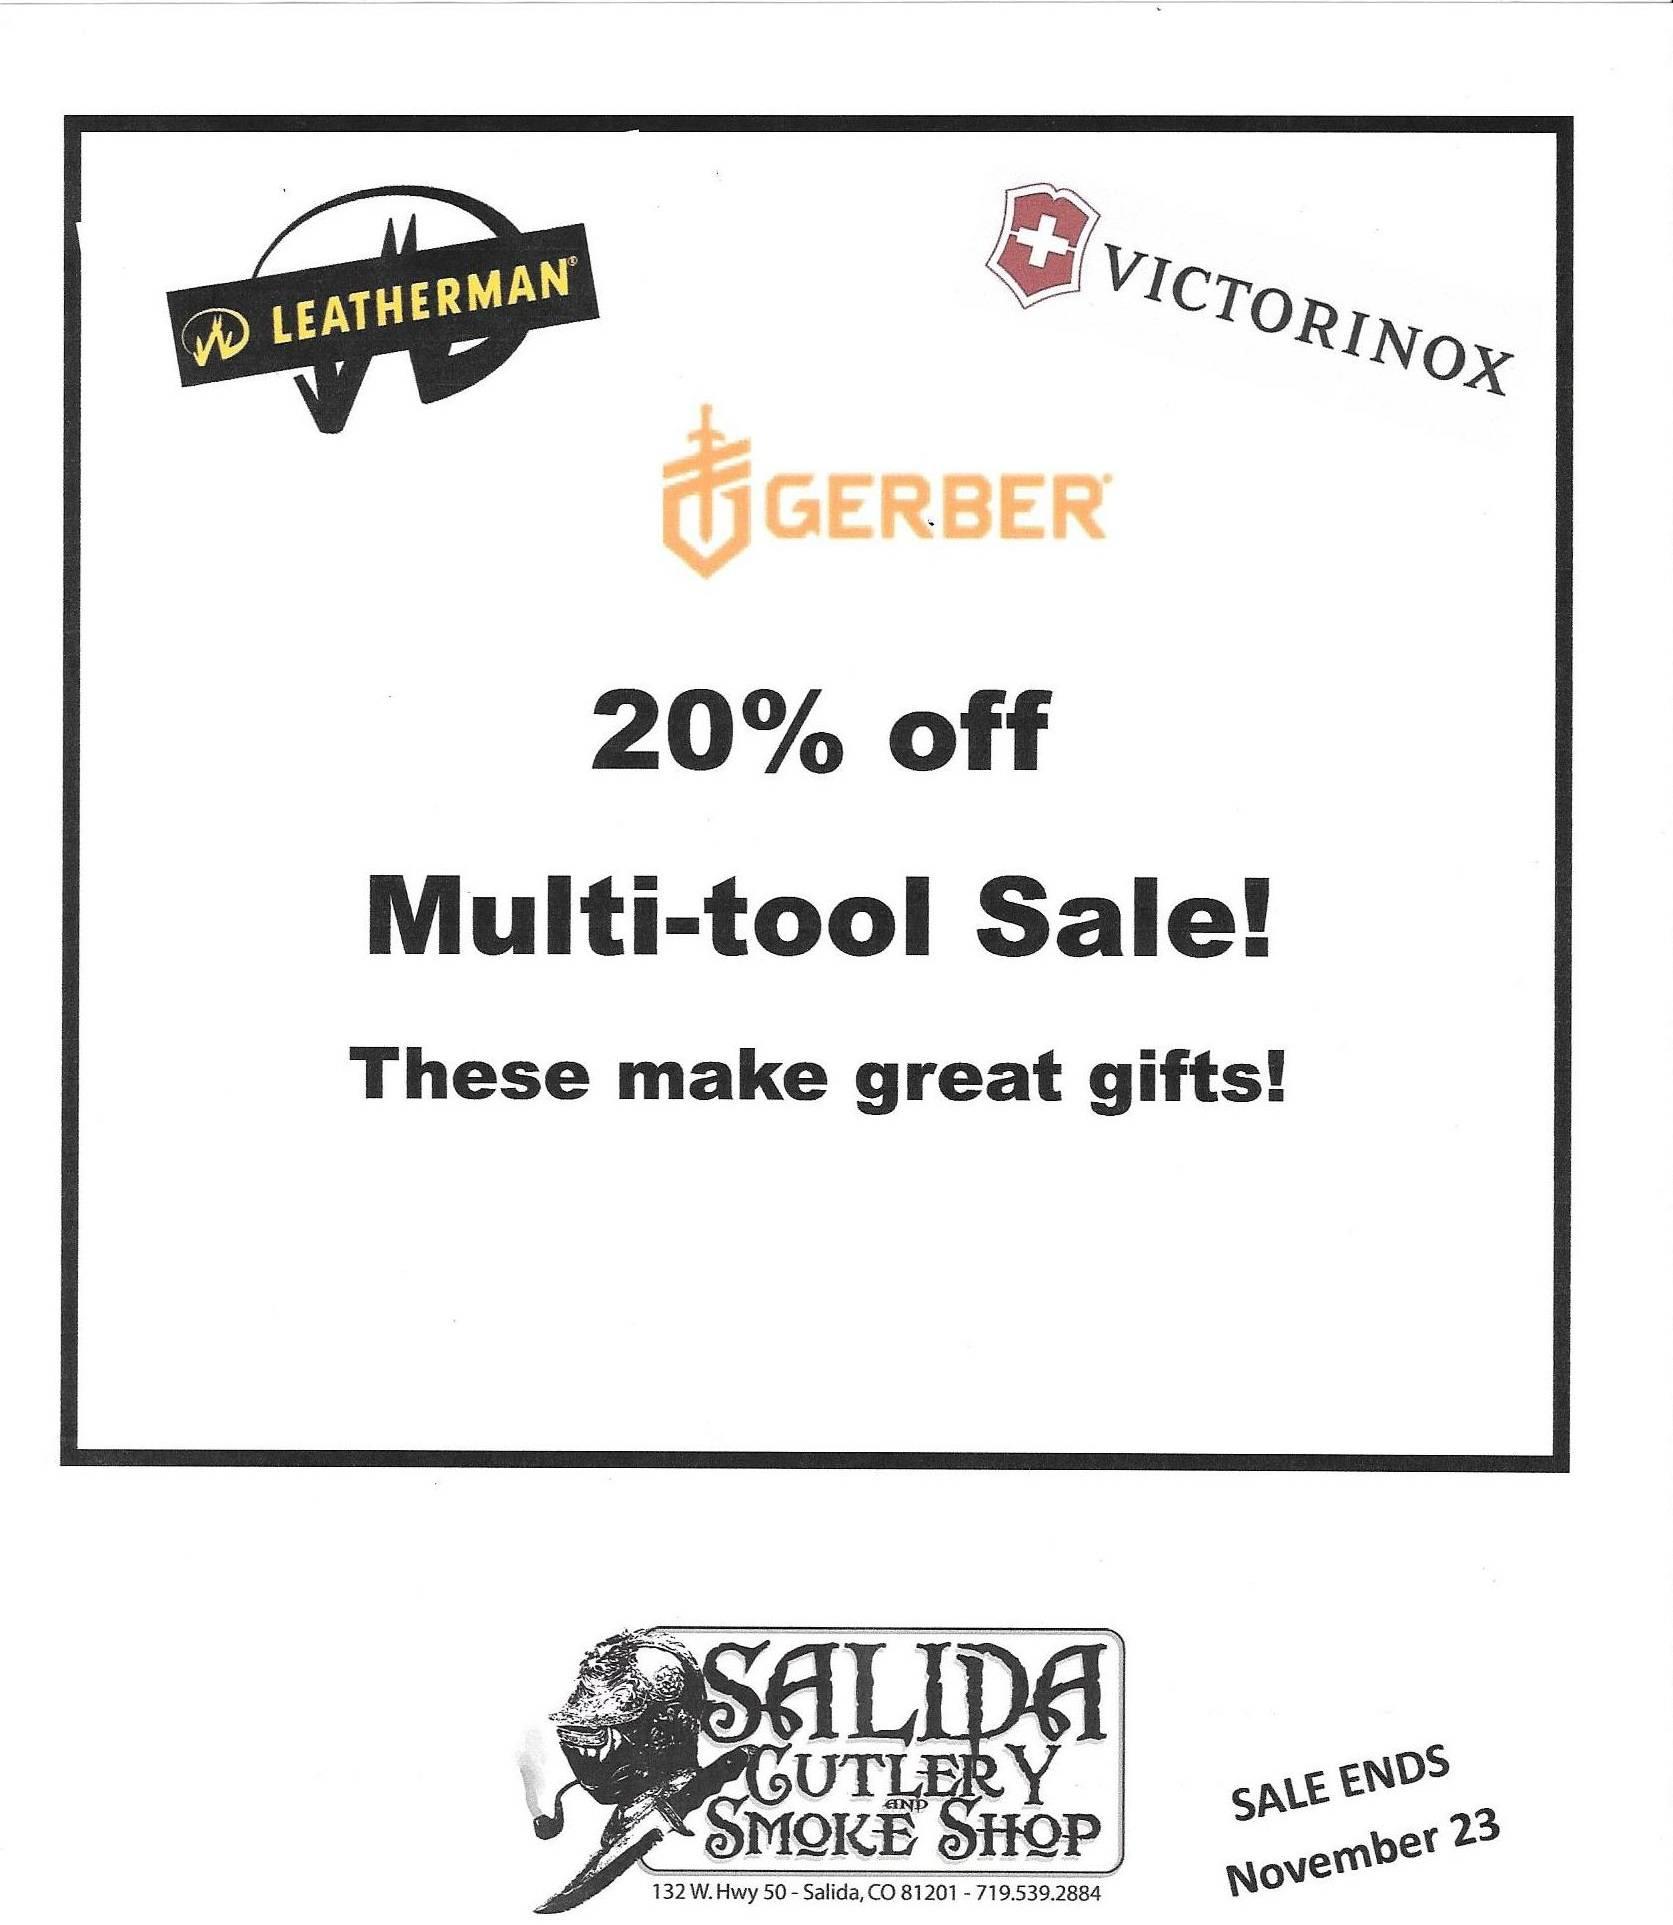 Multi-tool Sale